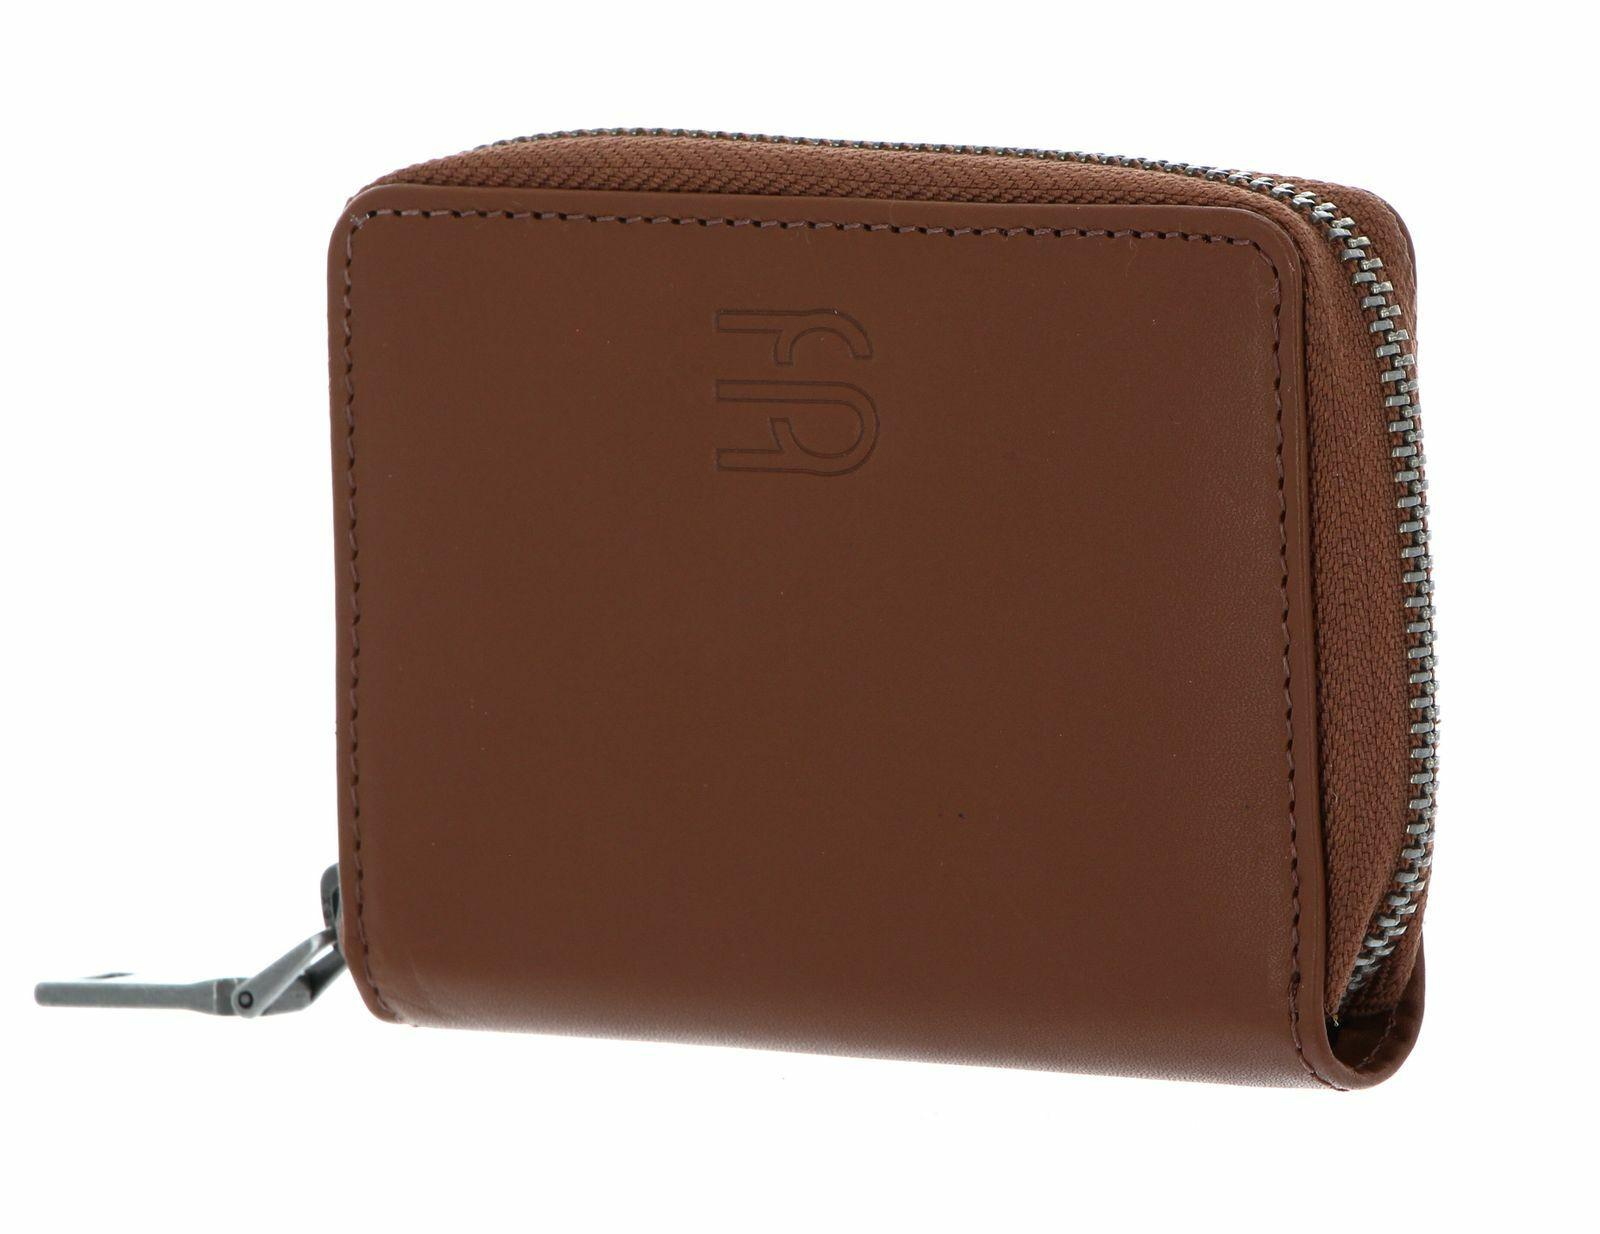 ESPRIT Foc Zip Around Wallet Kredit- / Visitenkartenetui Rust Brown Braun Neu